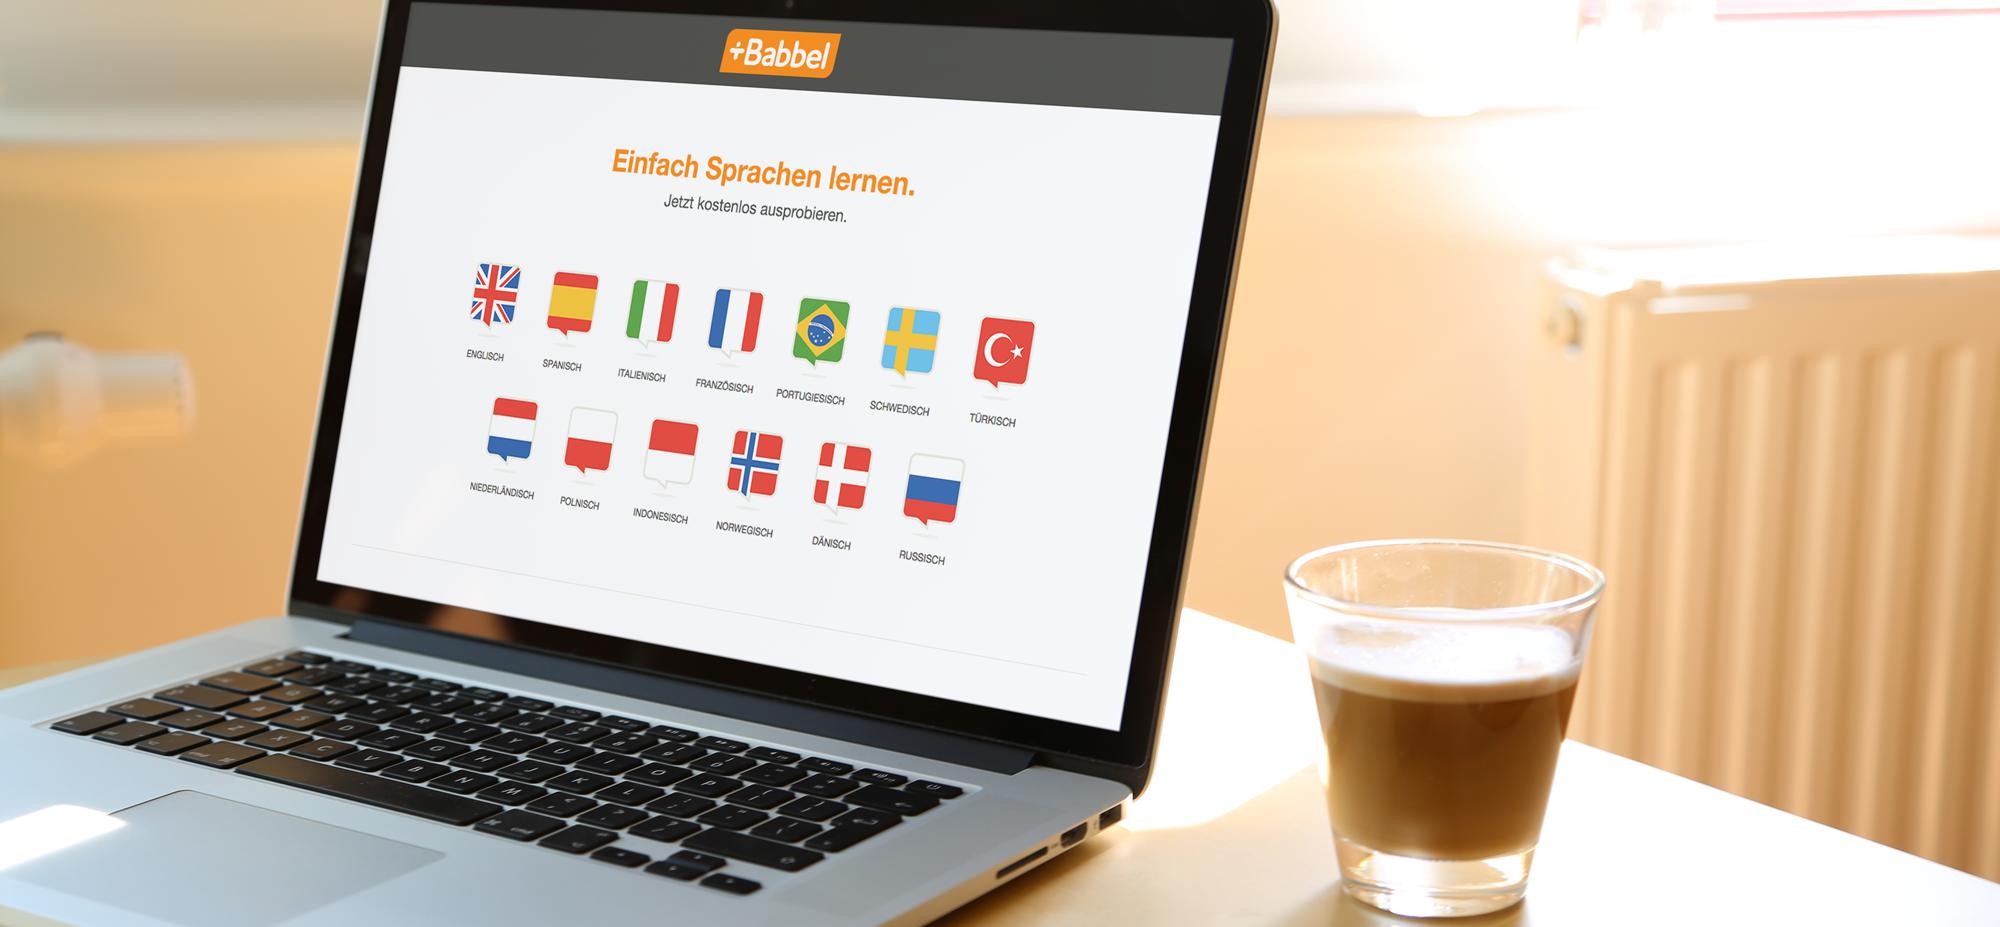 Babbel Kosten – Die Preise des Online-Sprachkurses auf einen Blick